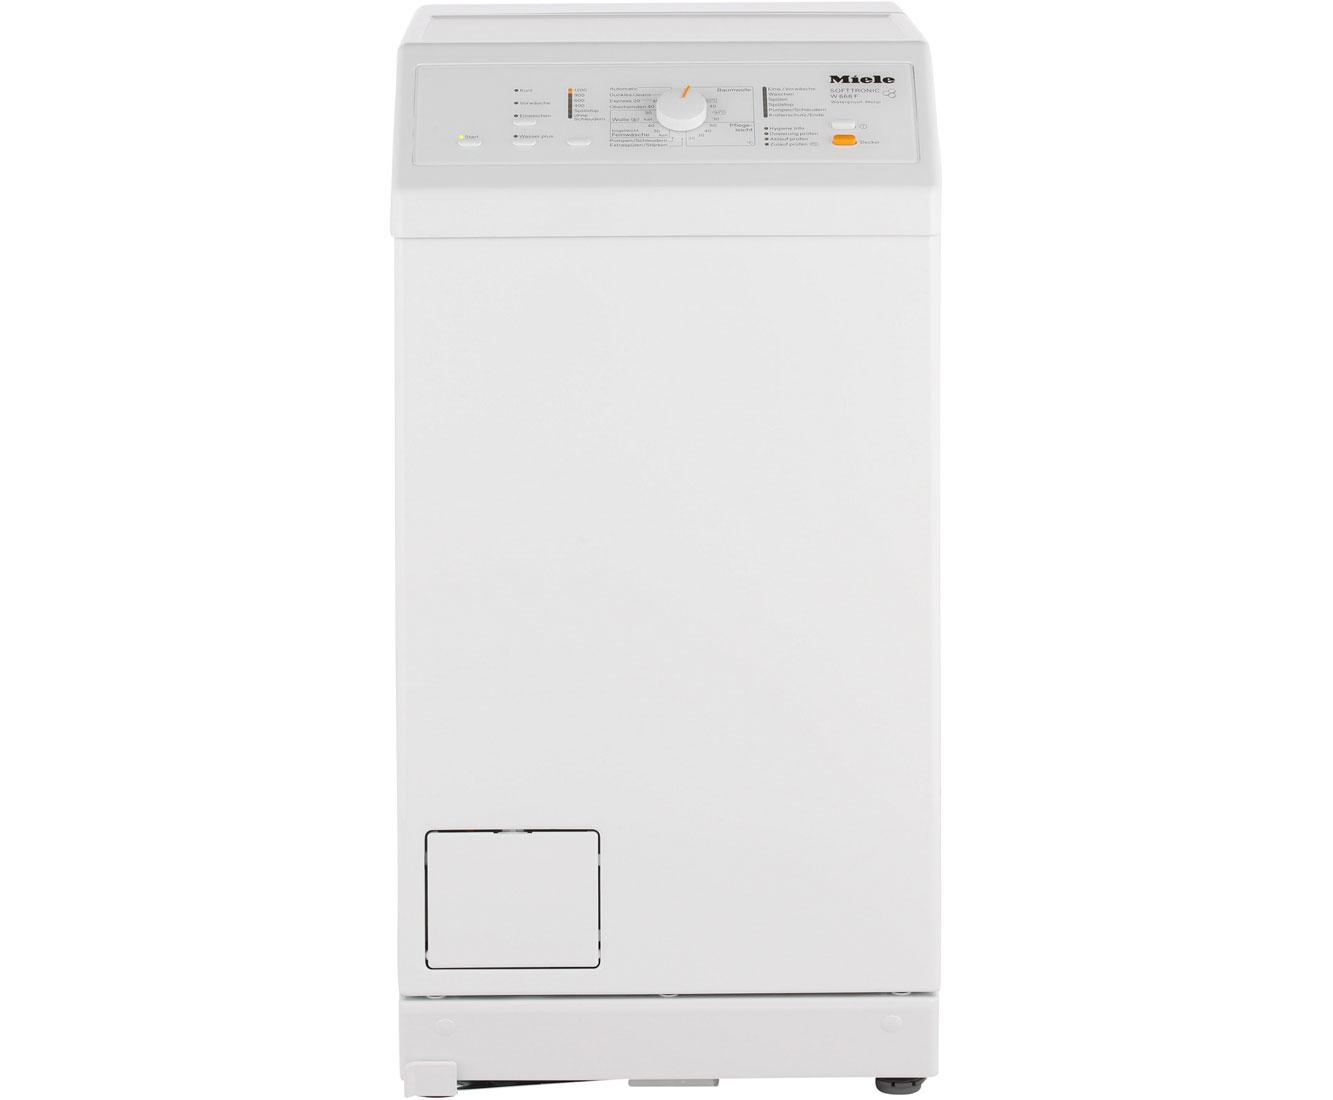 W 668 F WPM Waschmaschinen - Weiss